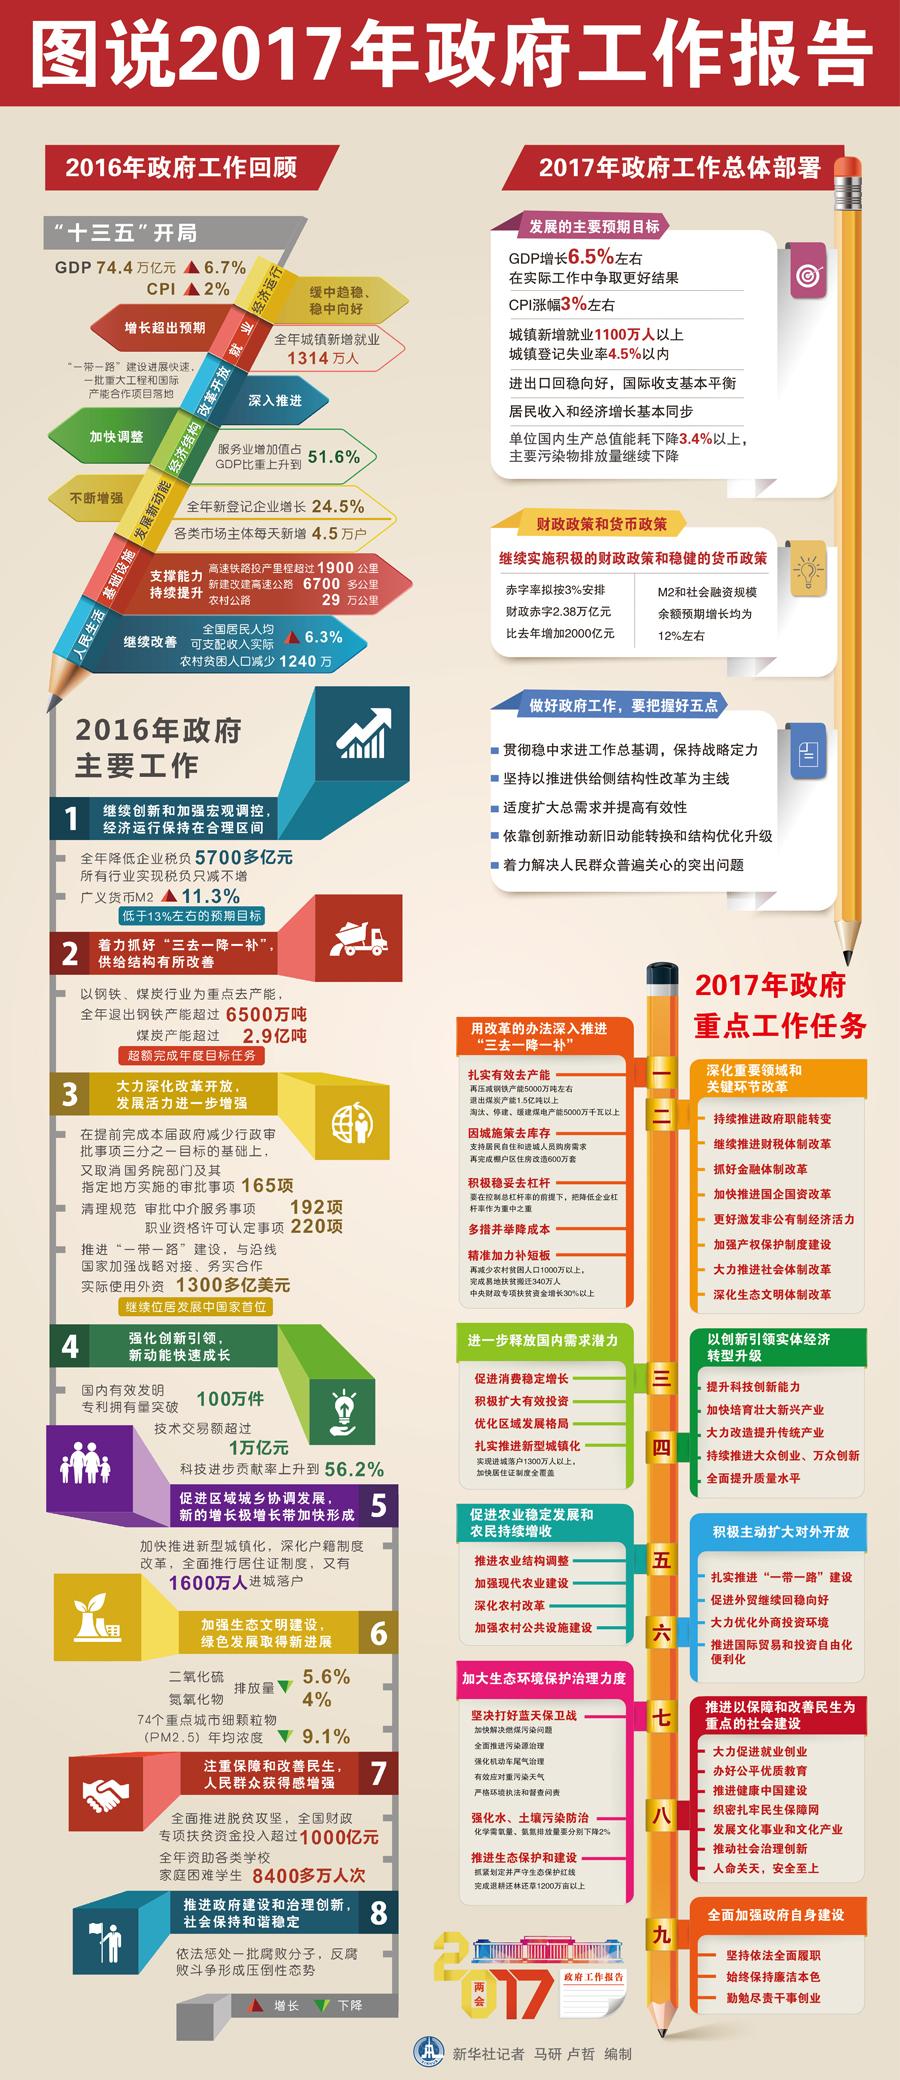 2017年中國政府工作報告全文(含2016年回顧);中國2017年打算做什麼?